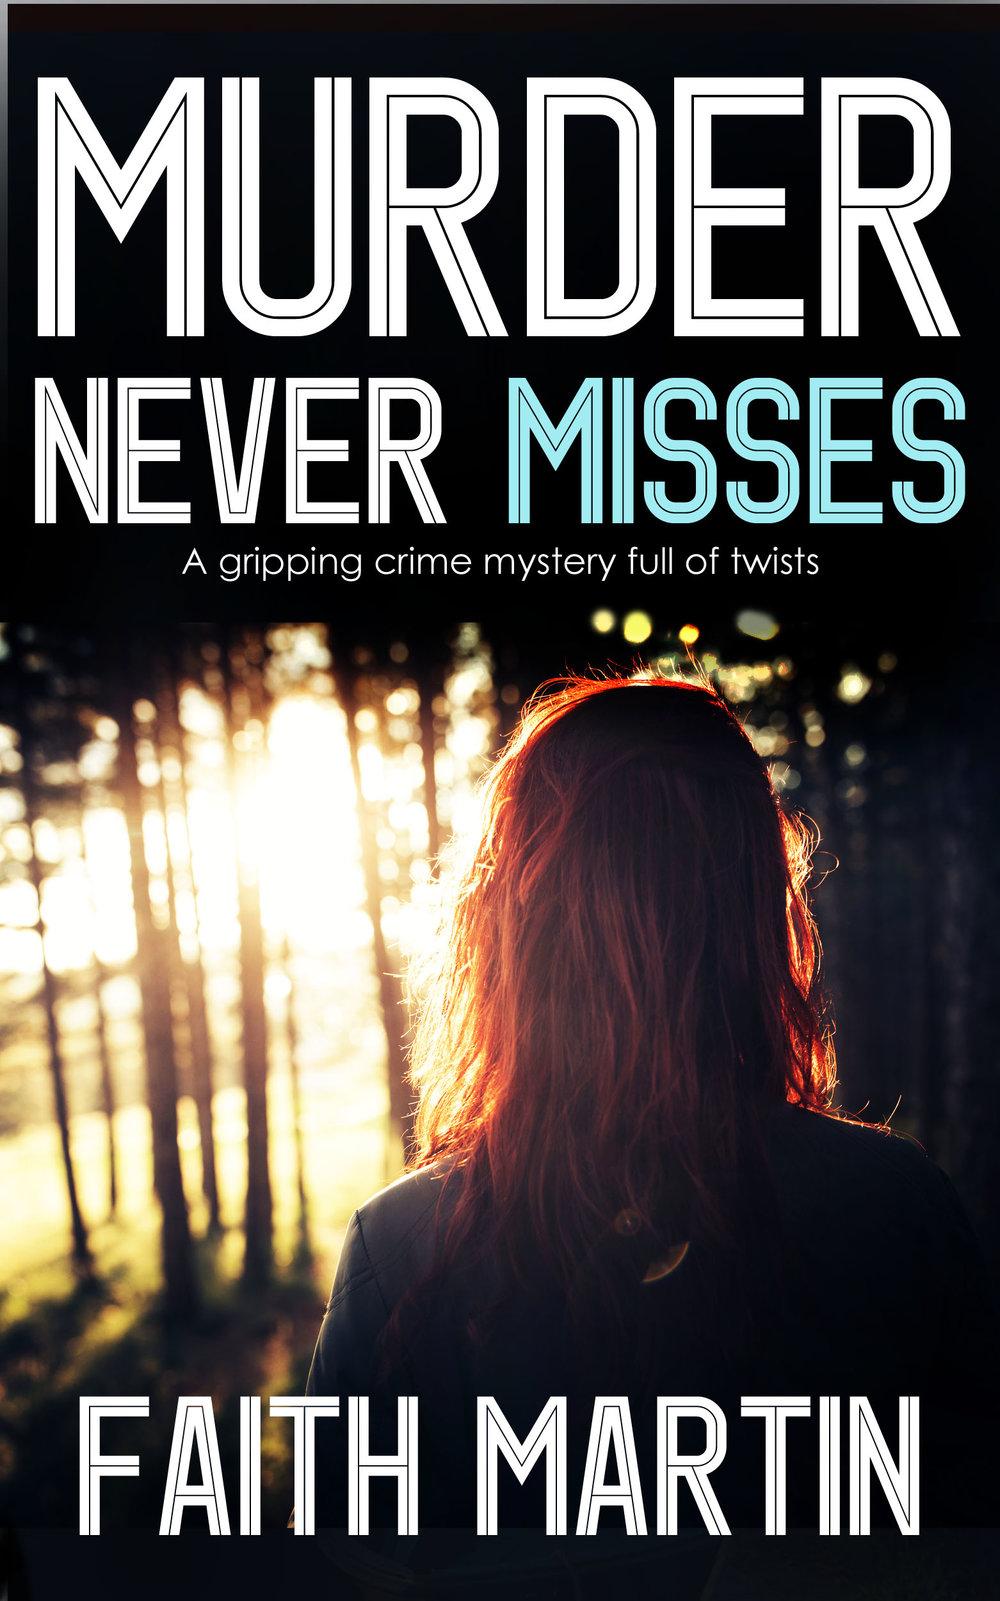 MURDER NEVER MISSES.jpg